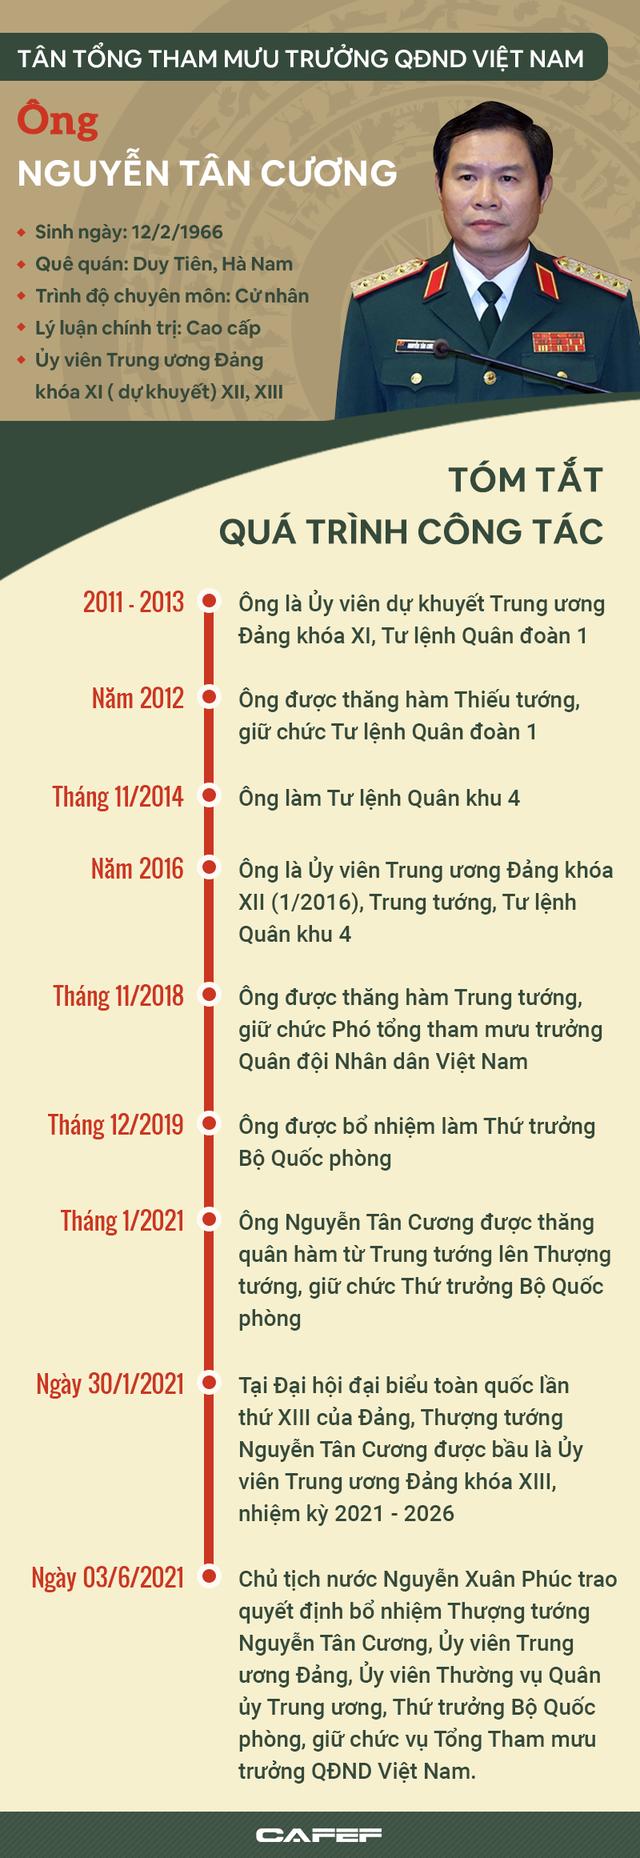 Chân dung tân Tổng Tham mưu trưởng QĐND Việt Nam Nguyễn Tân Cương - Ảnh 1.